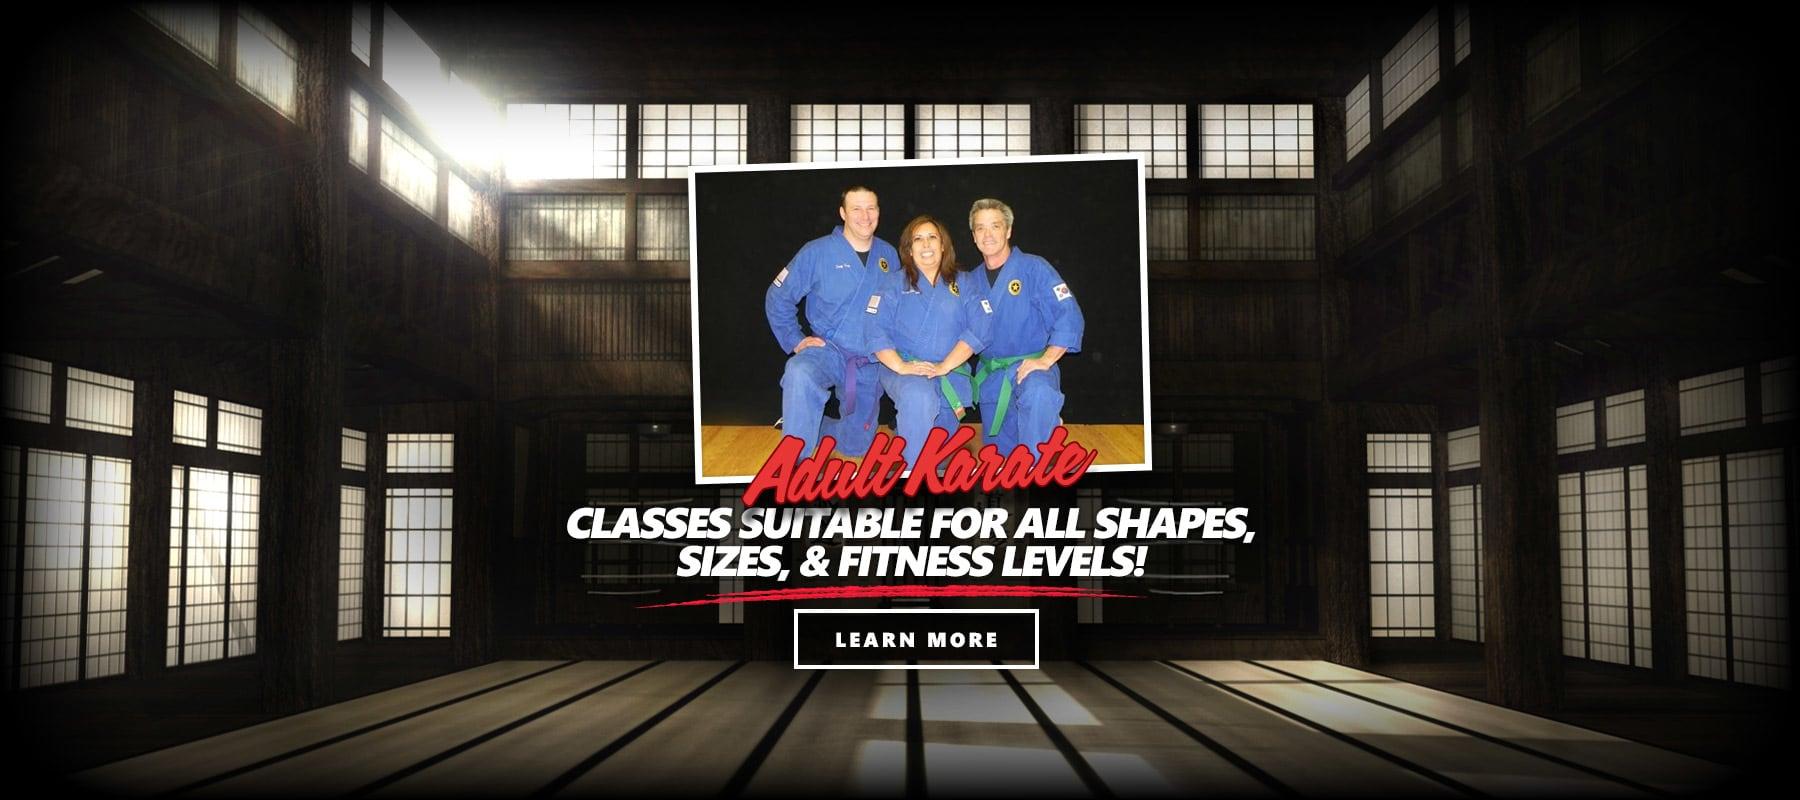 Lakewood karate denver karate academy lakewood colorado for Happy motors lakewood colorado